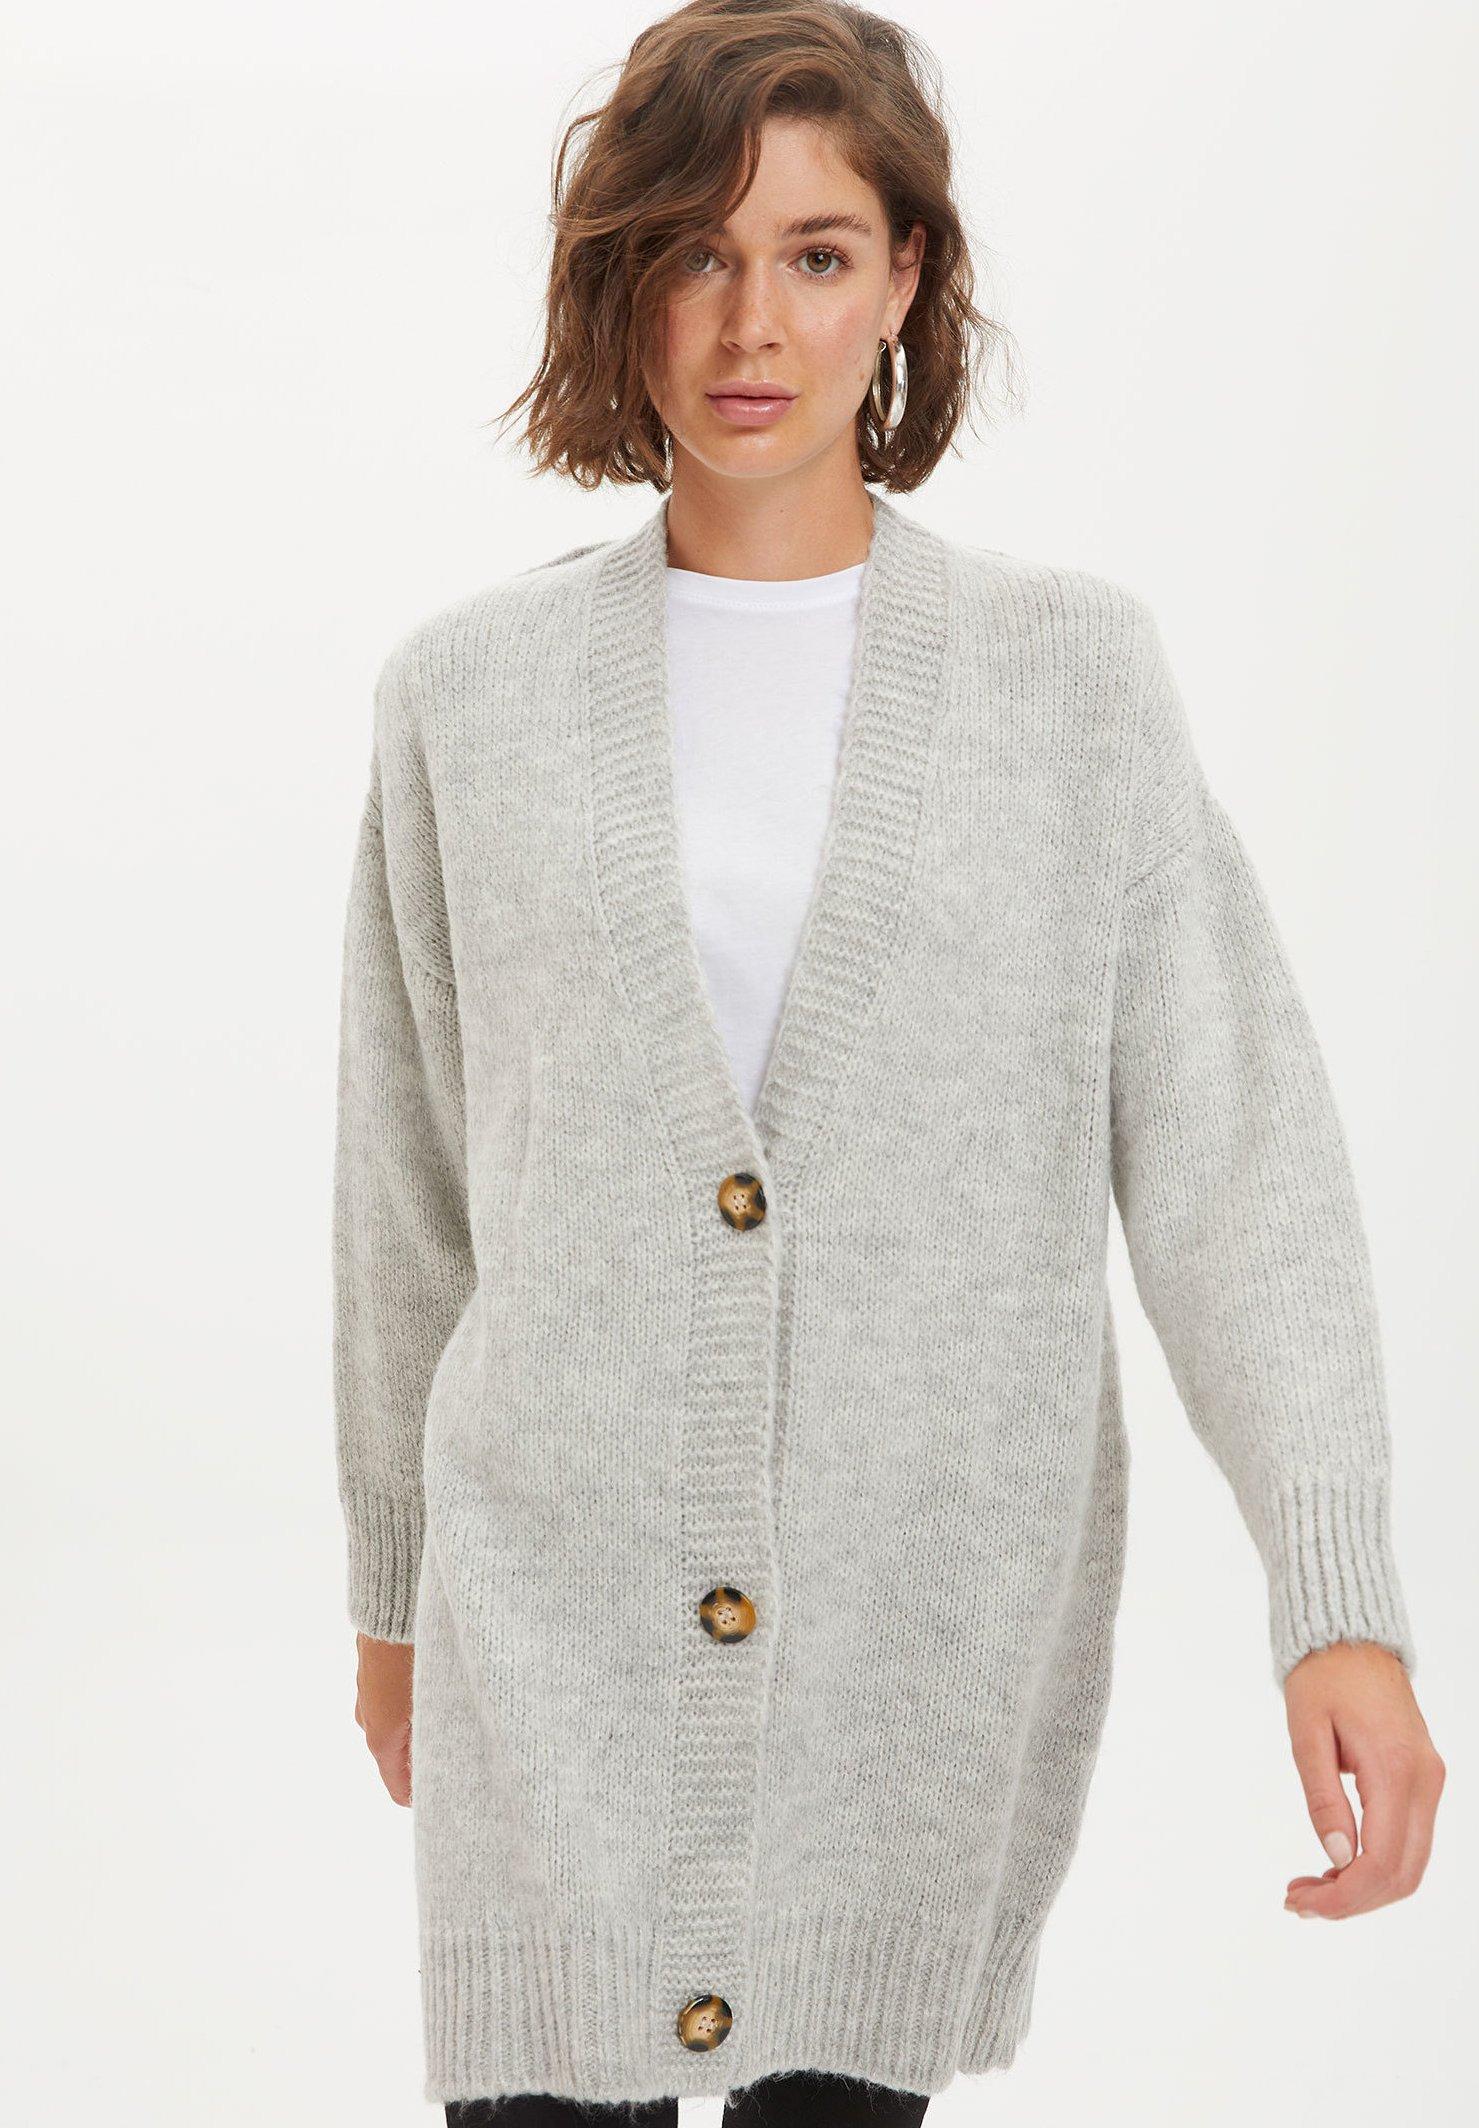 Women's Cardigans | Knitwear | ZALANDO UK